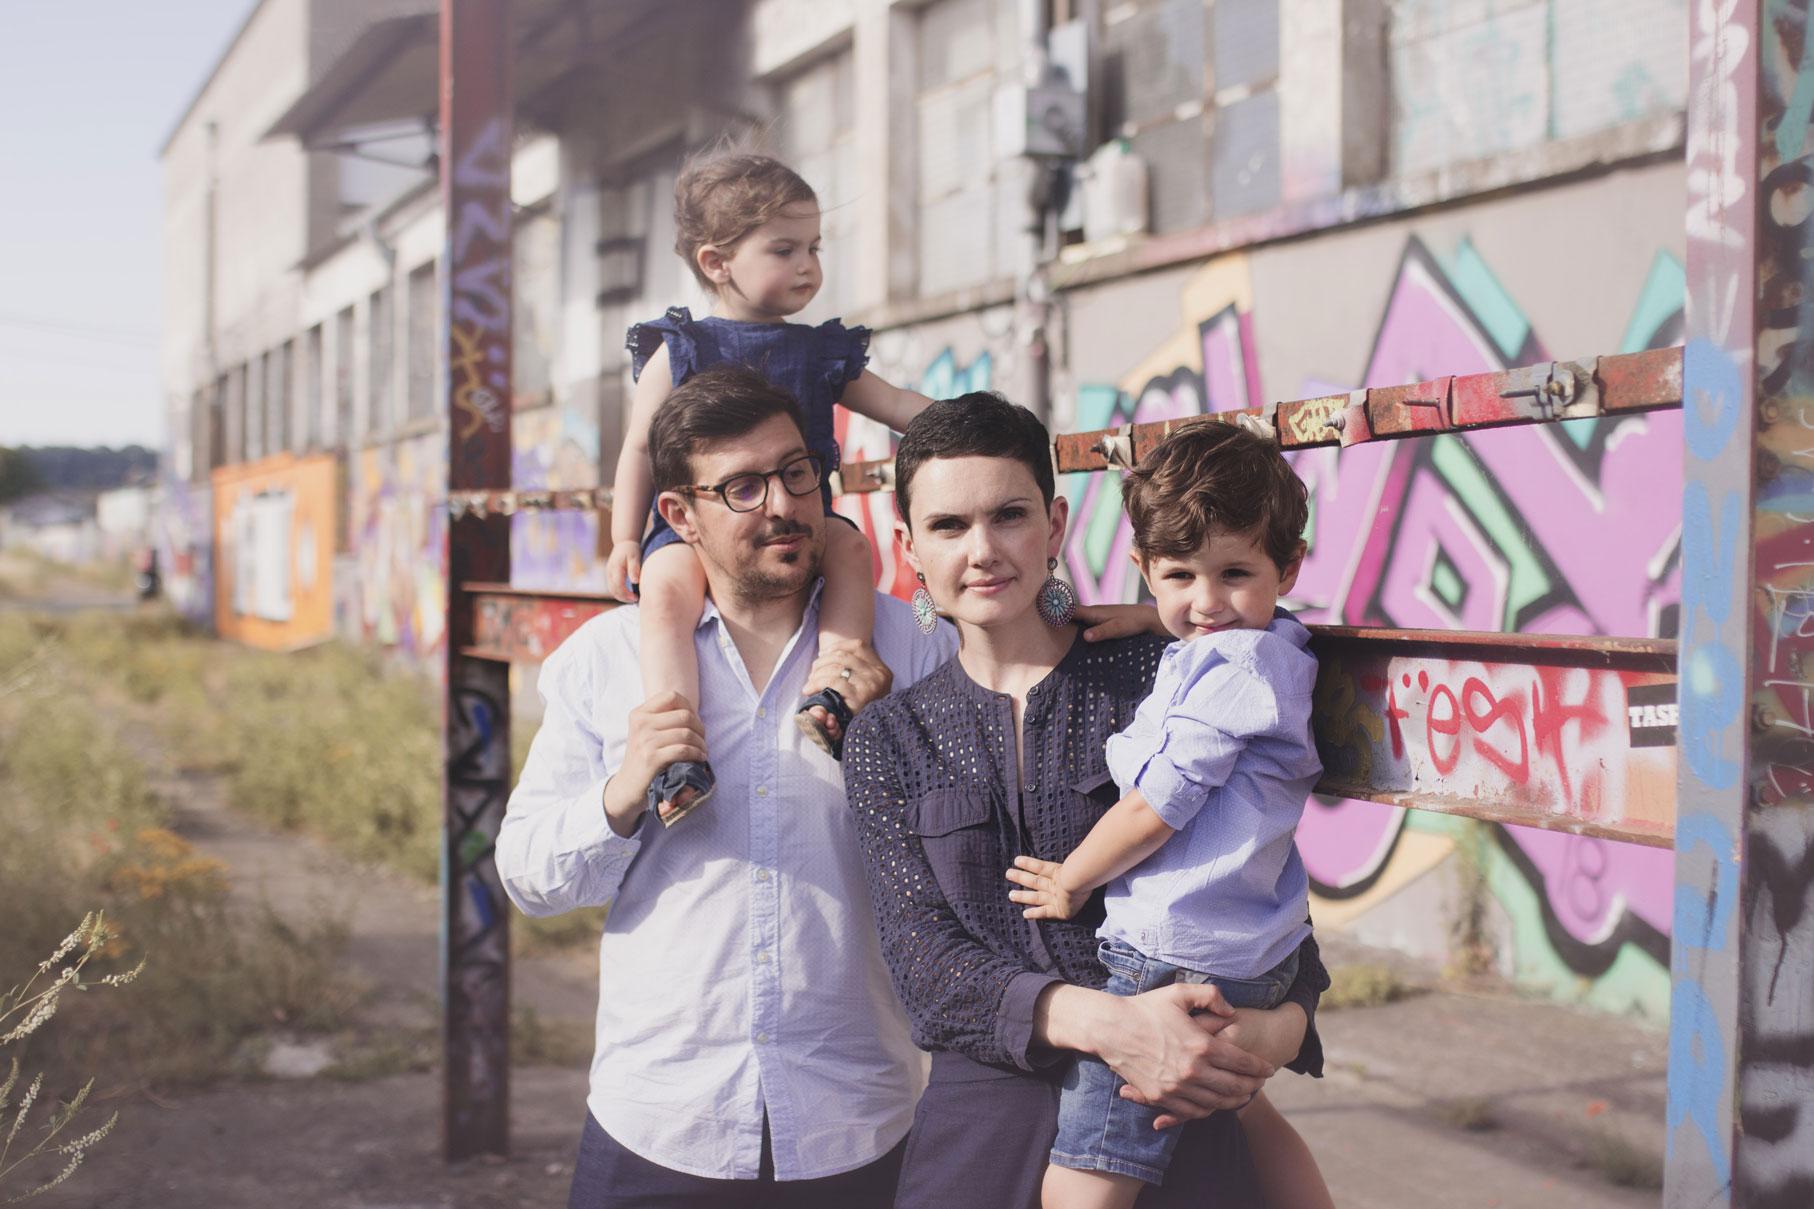 photographe de famille sur les rails d'un train à tours